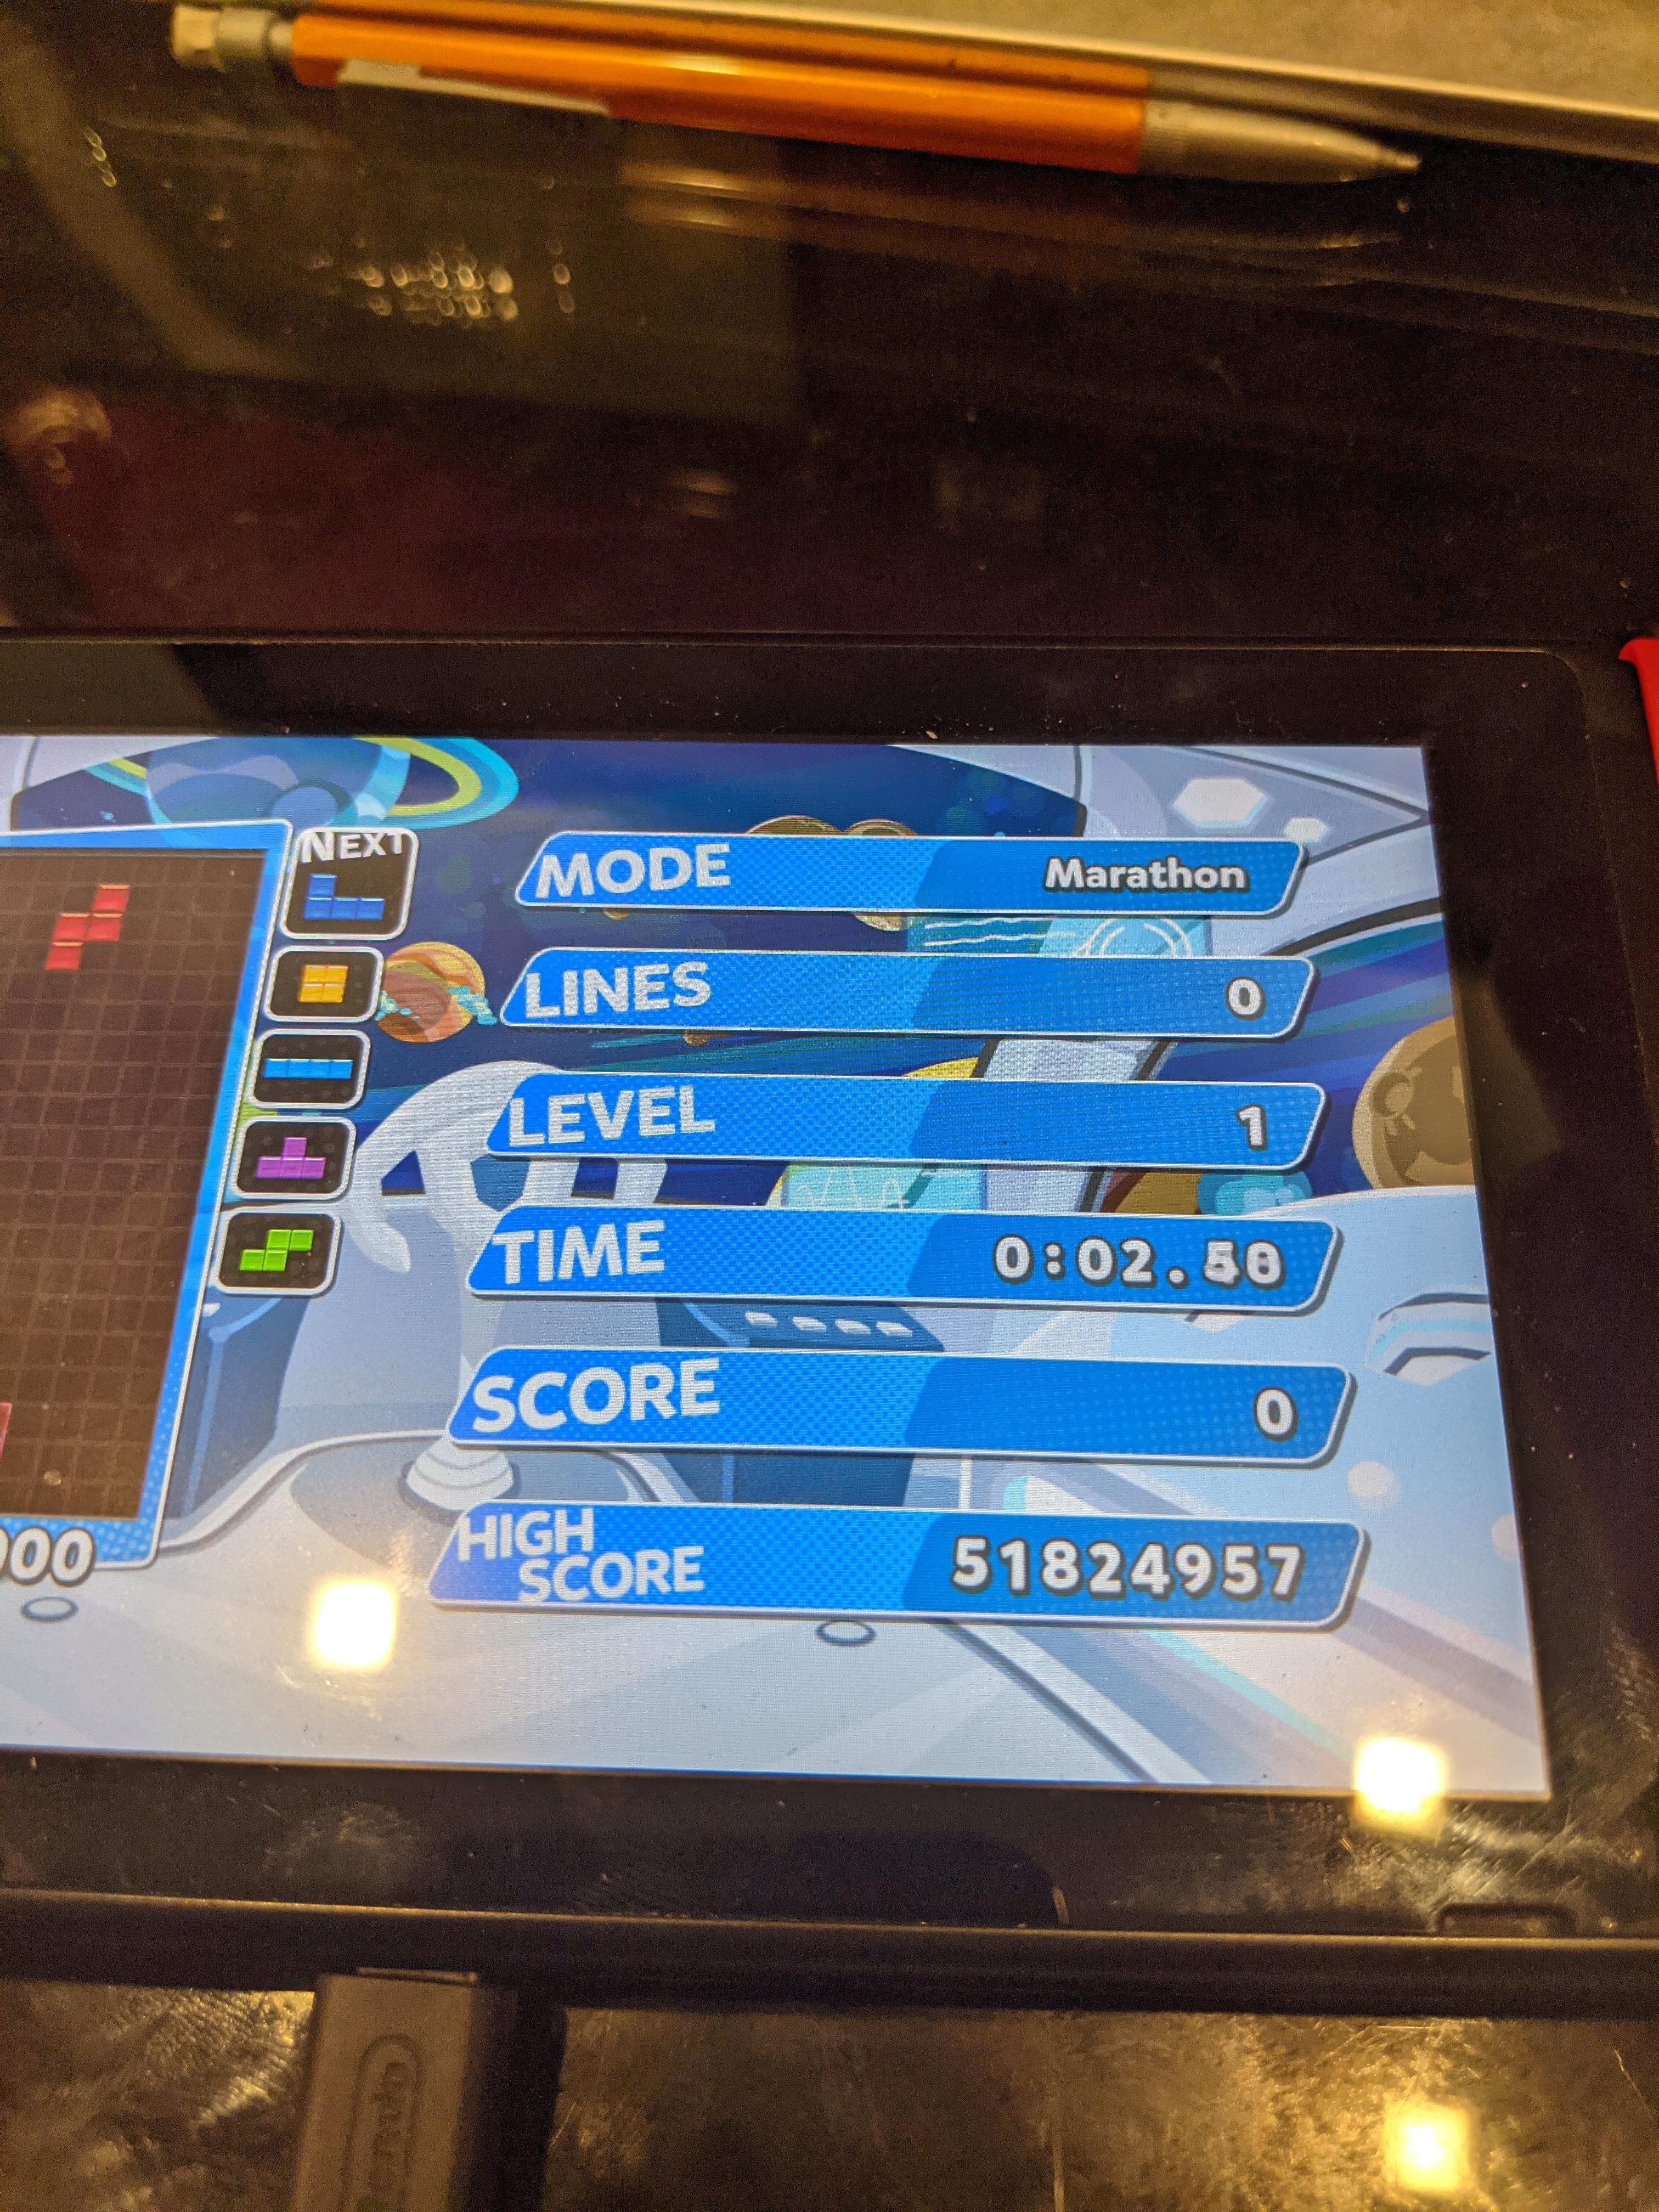 DragonLugia: Puyo Puyo Tetris [Endless Marathon] (Nintendo Switch) 51,824,957 points on 2021-01-23 00:52:02